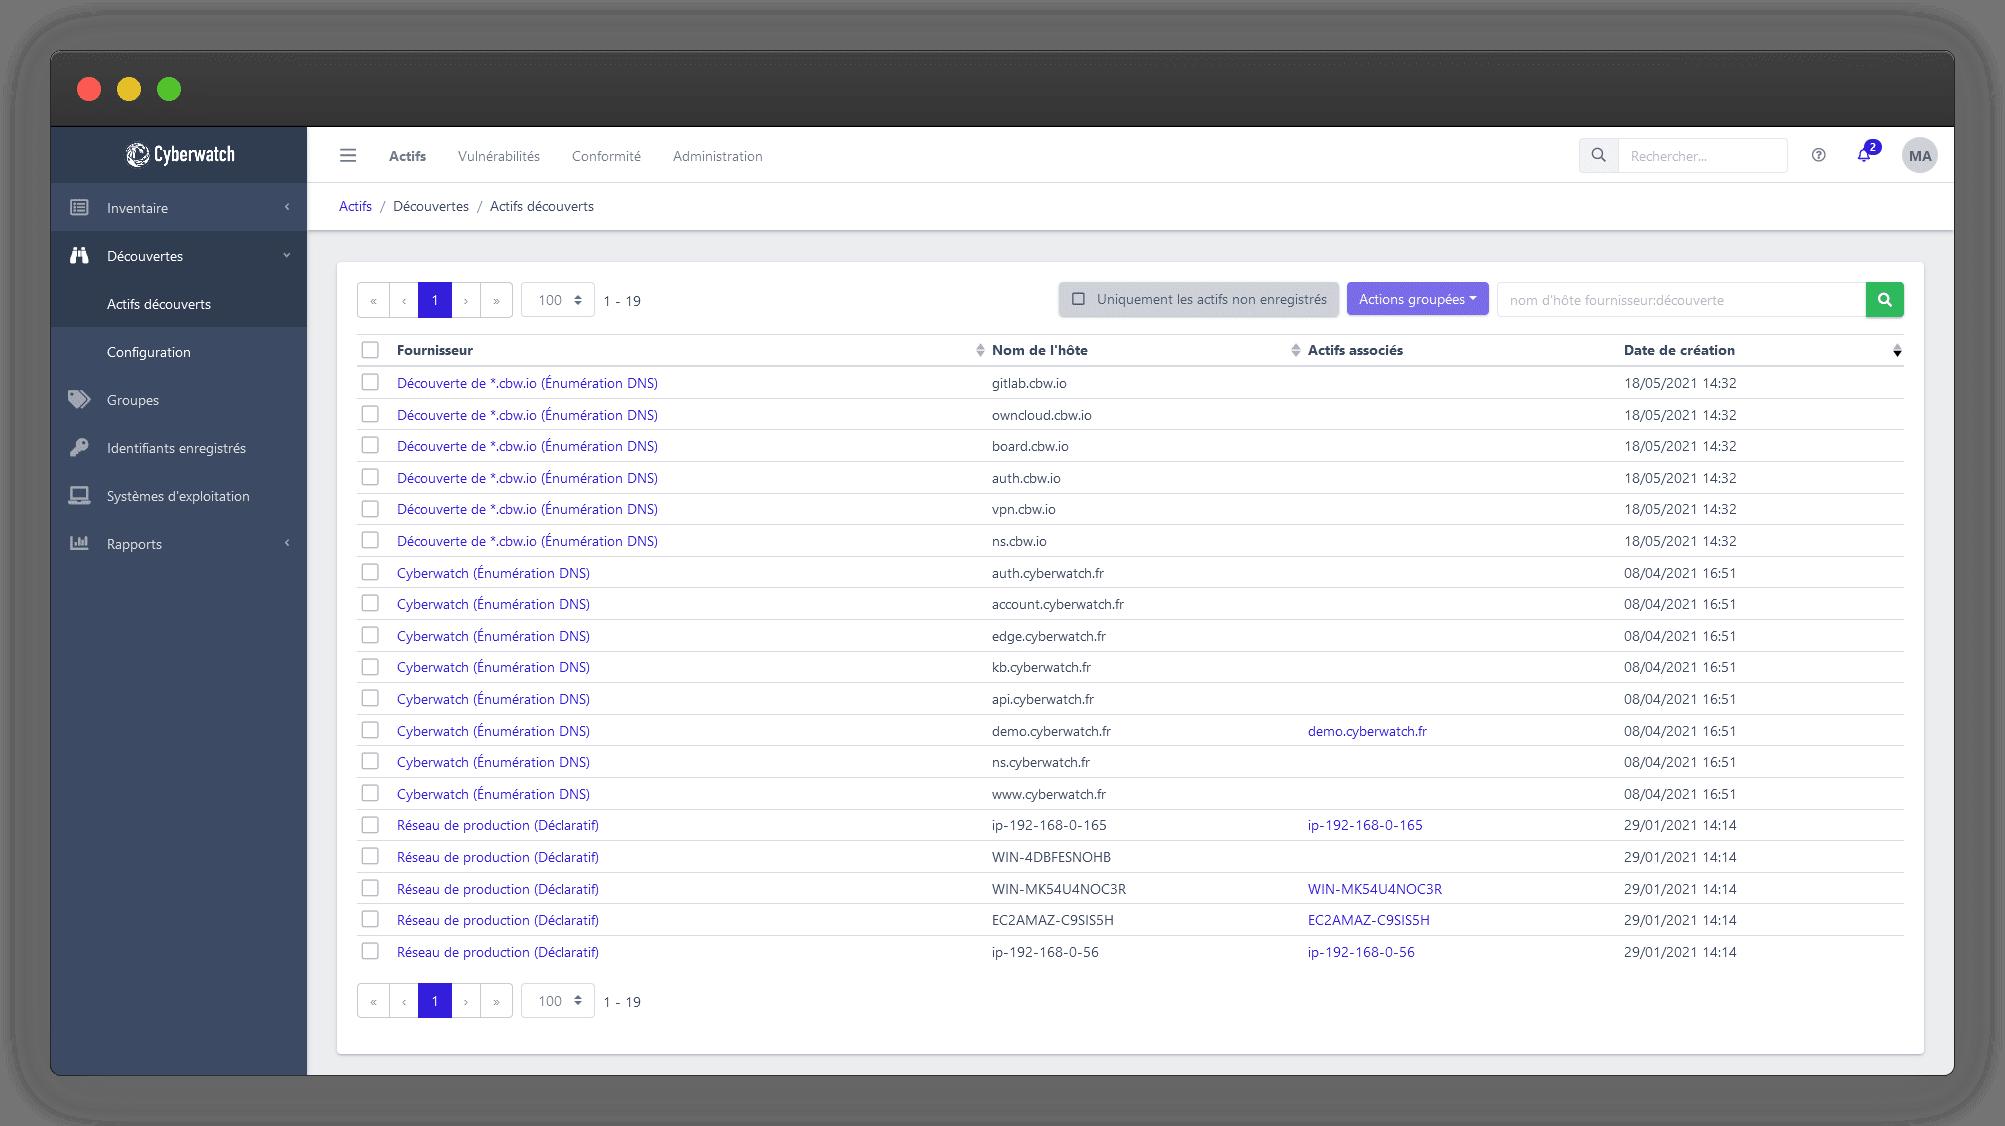 Cyberwatch vous permet d'identifier les actifs de votre système d'information grâce à un puissant moteur de découverte.